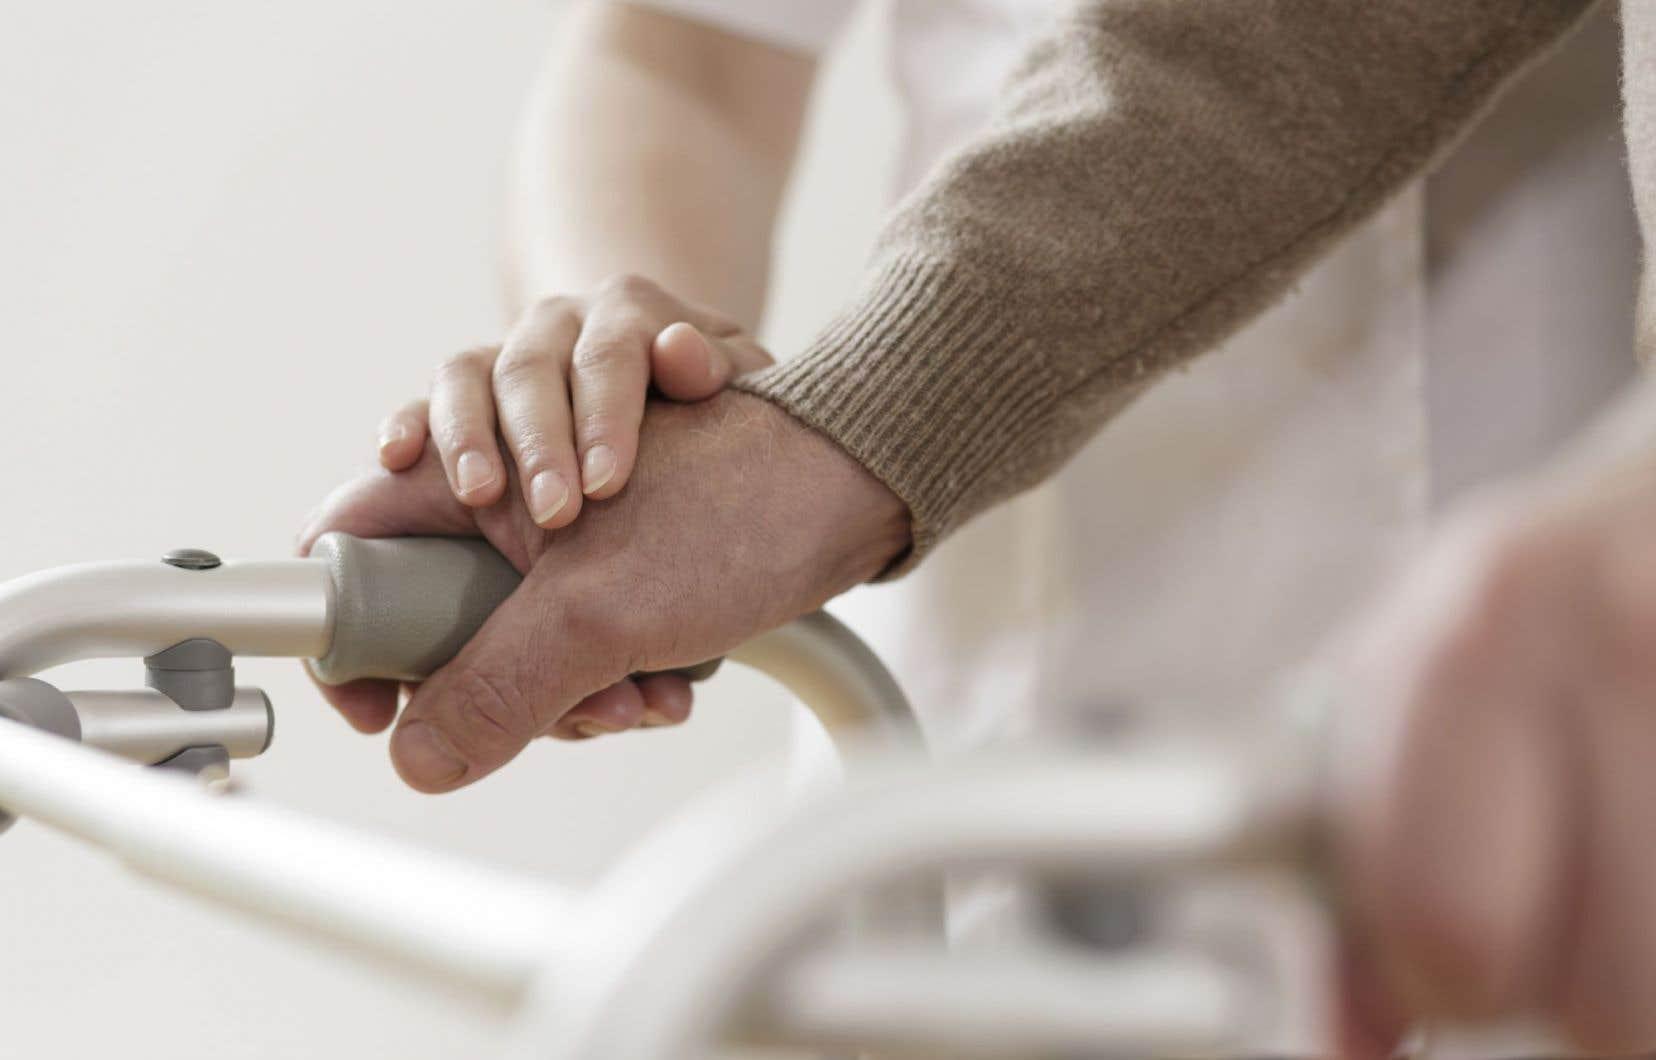 Les établissements de santé, qui assurent ces services, peinent déjà à répondre à la demande.